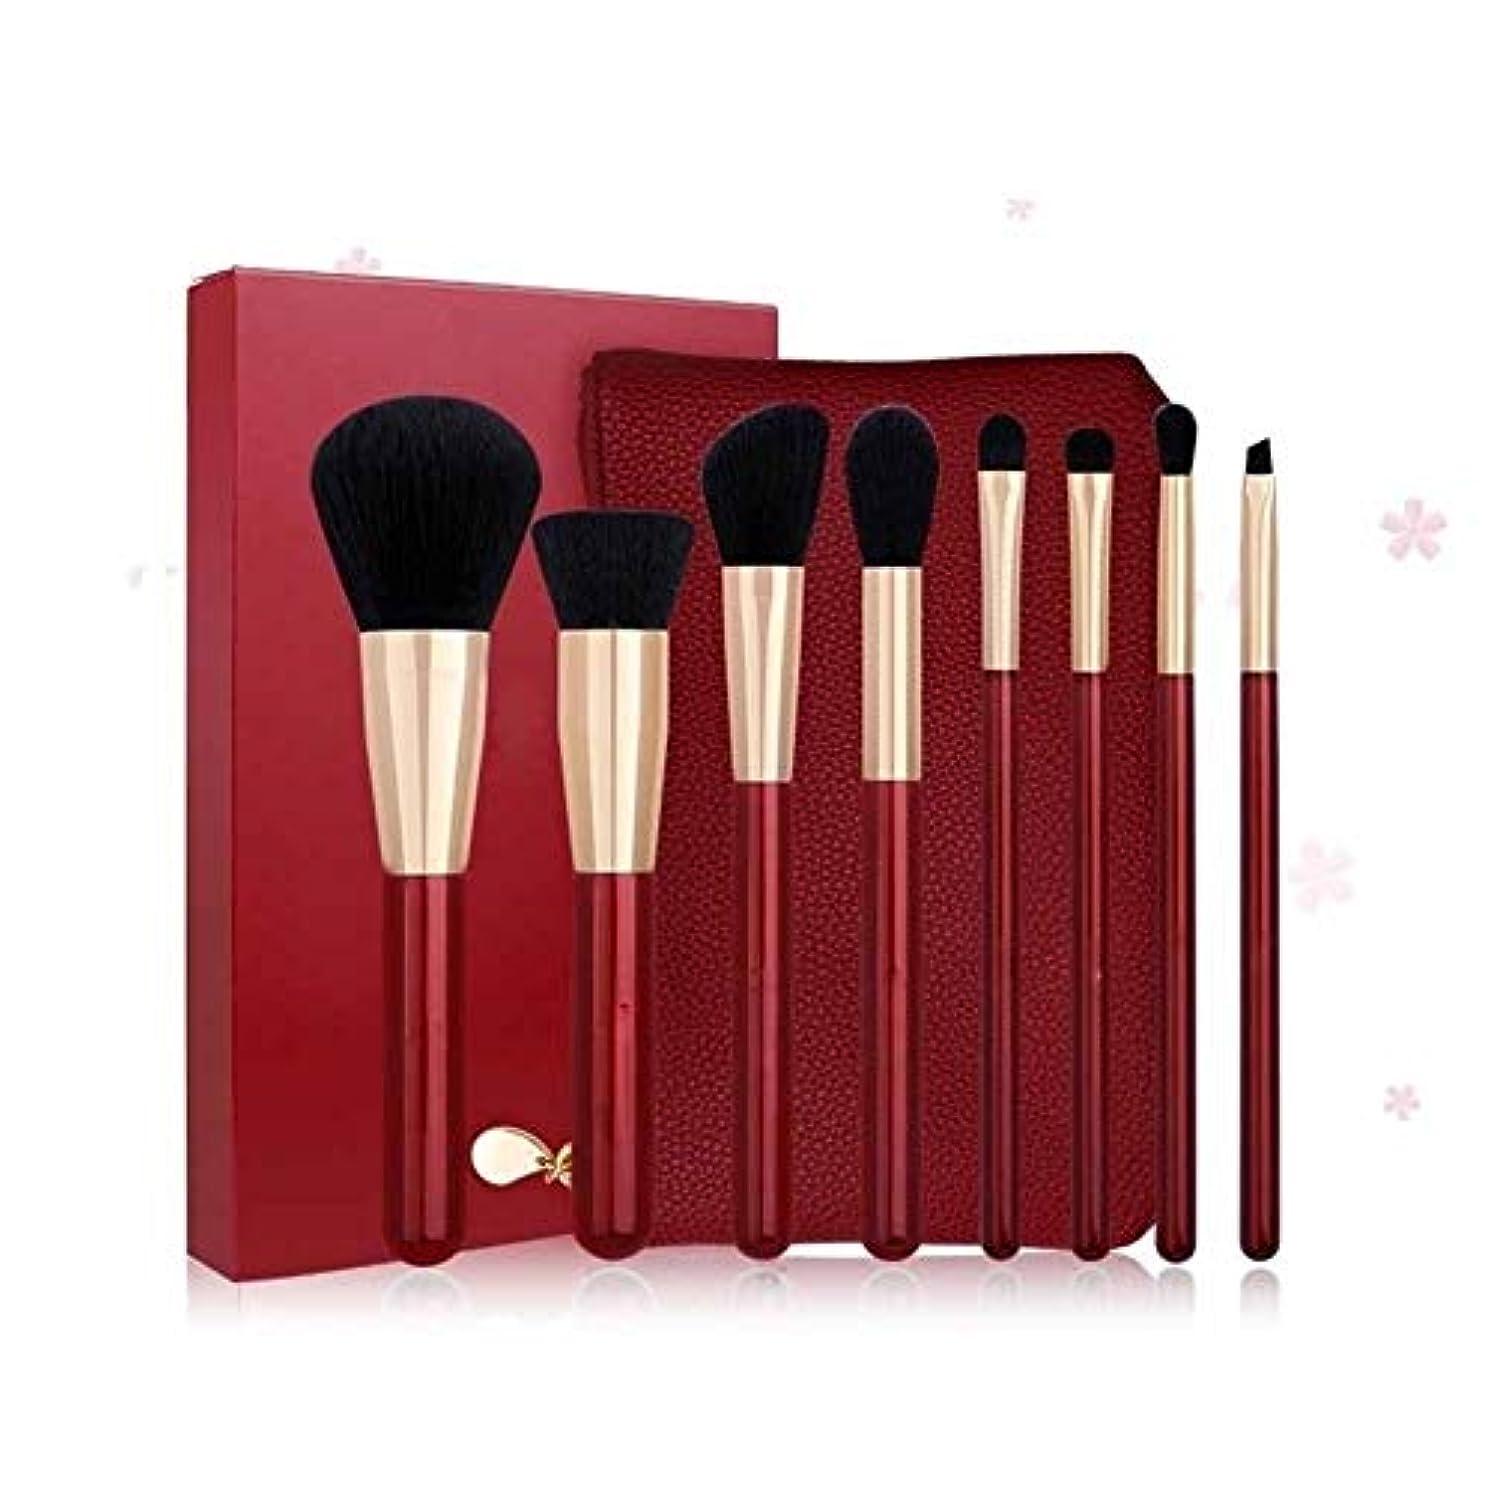 ポケットキネマティクス人種XIAOCHAOSD メイクブラシ、8つのメイクブラシセット、収納袋、プロフェッショナルメイクアップツール、赤瑪瑙レッドファッションと寛大な、 (Color : Red)